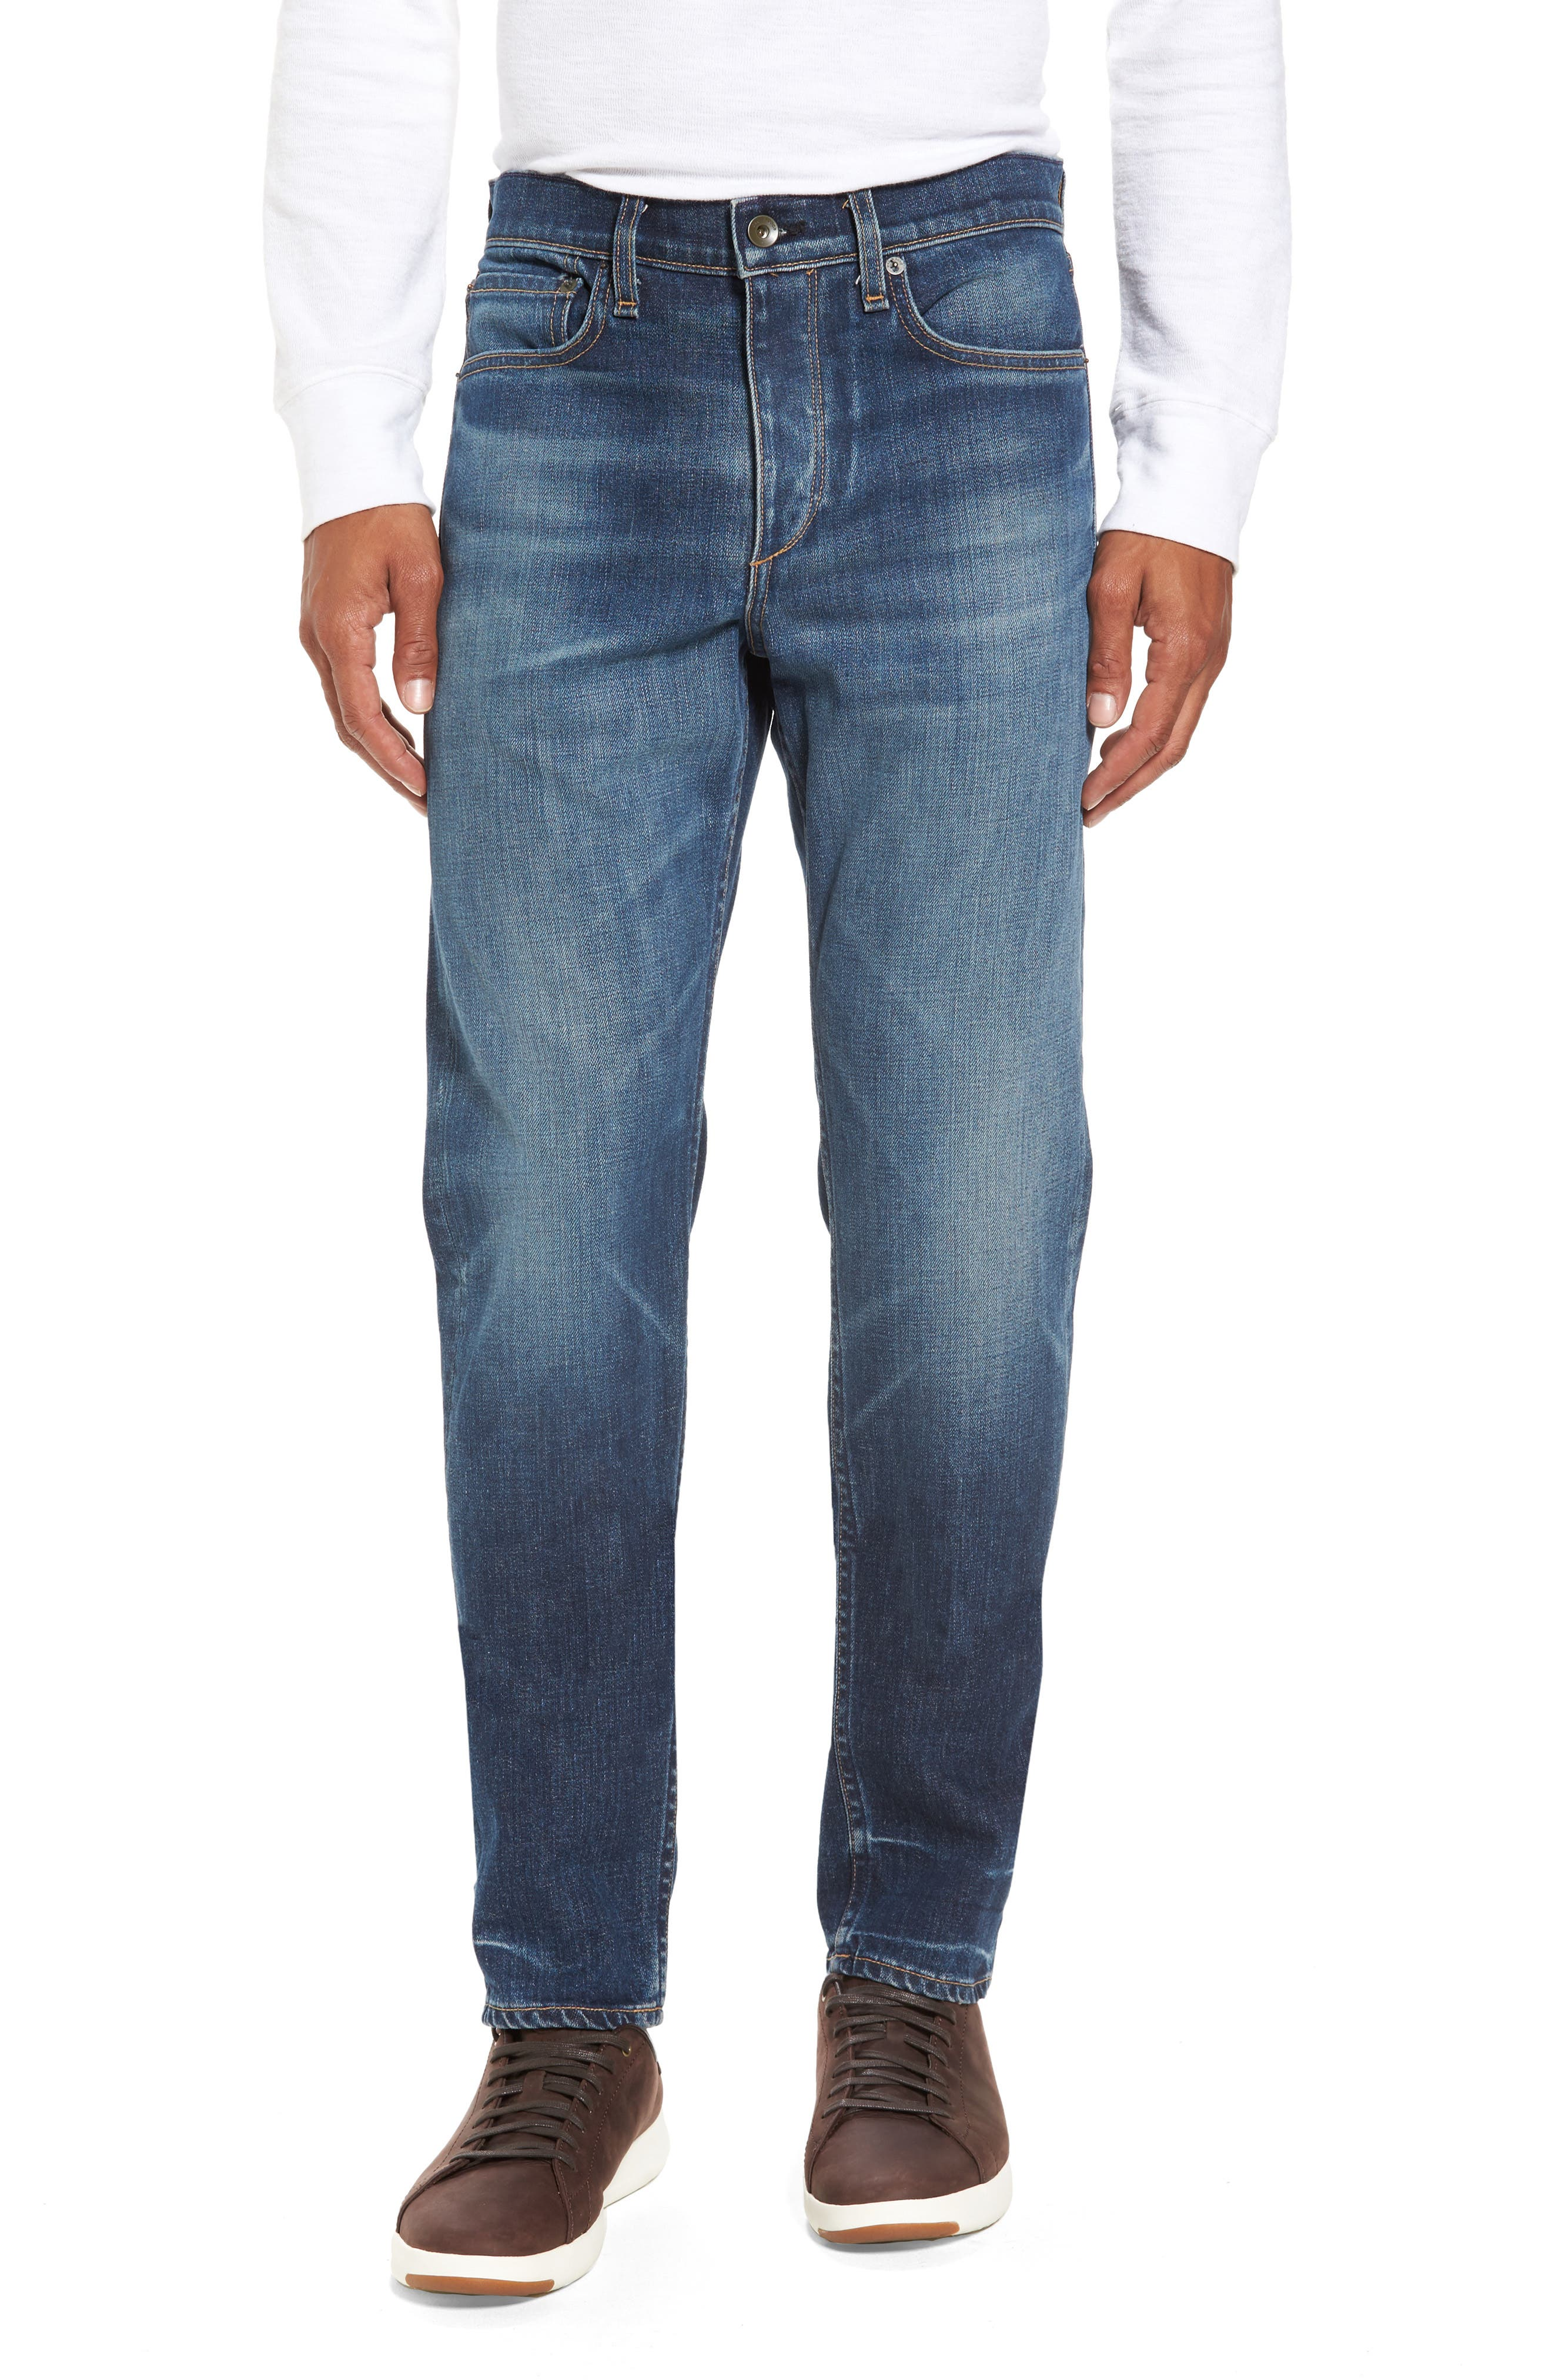 Fit 2 Slim Fit Jeans,                         Main,                         color, LINDEN